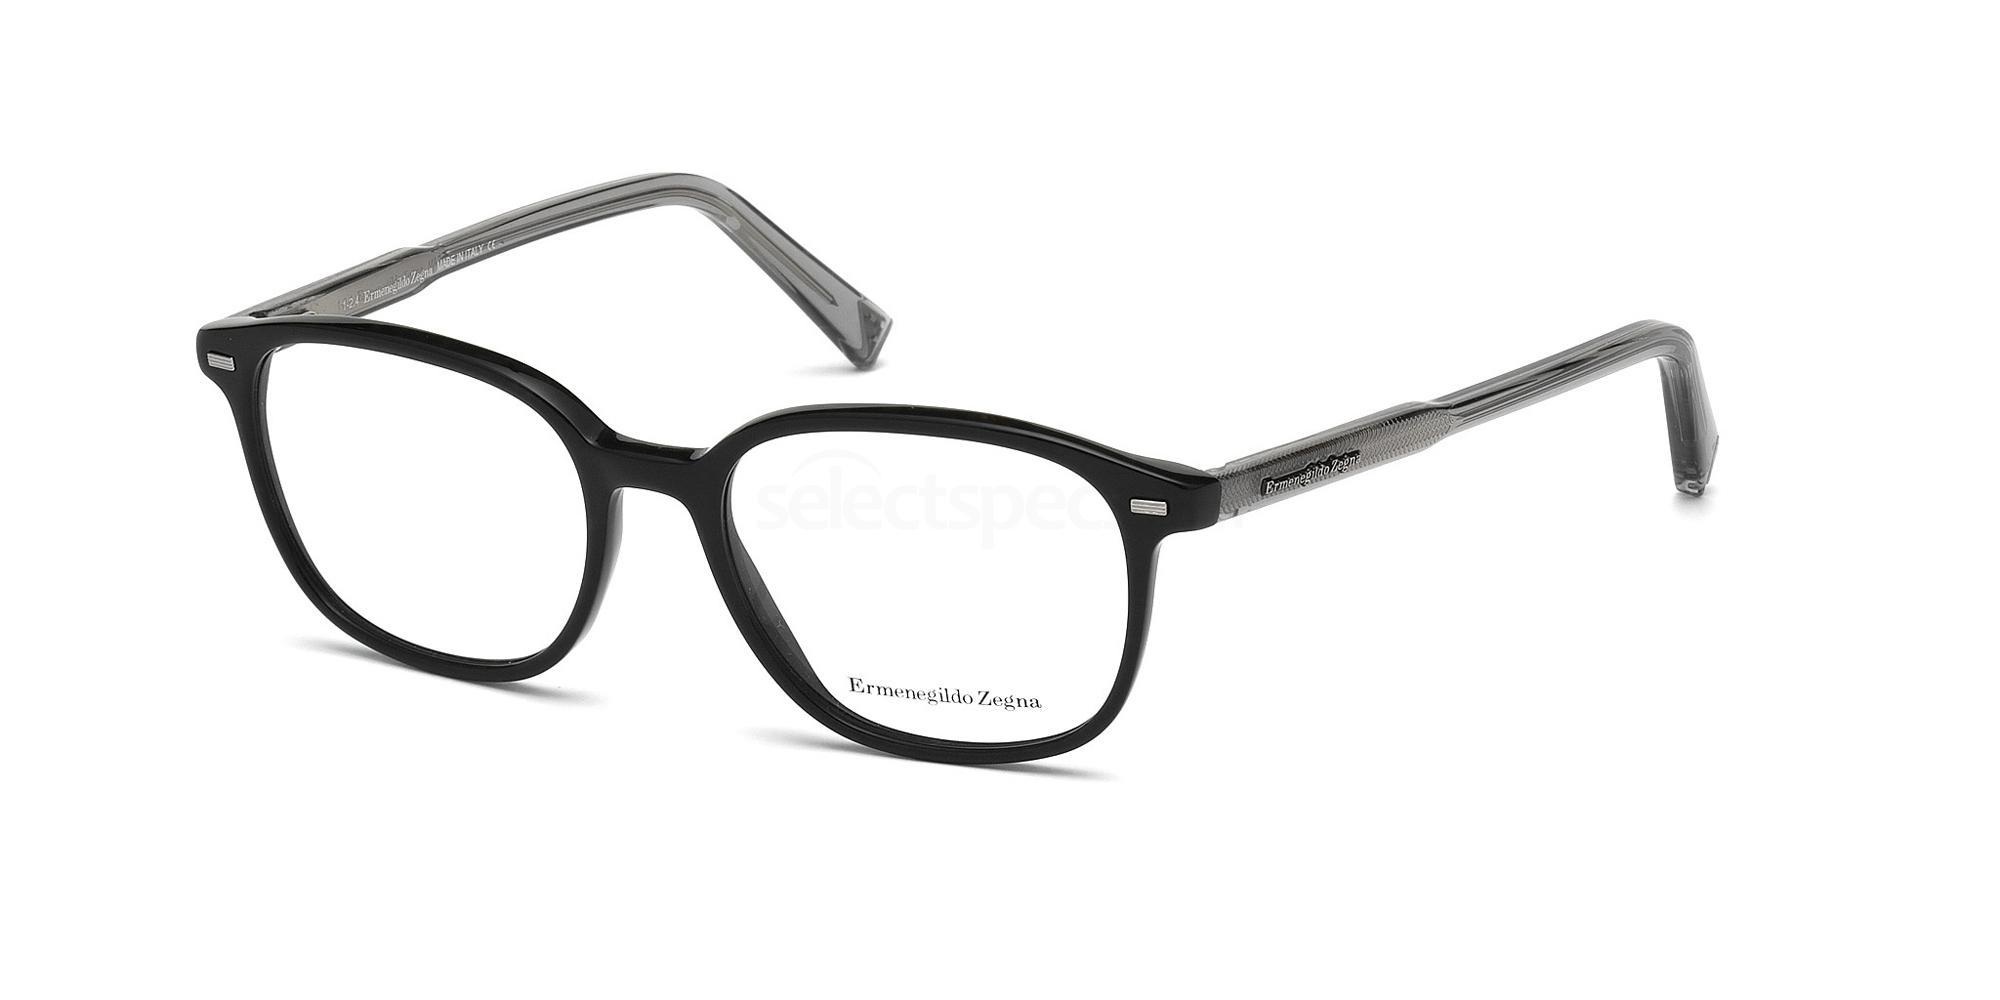 001 EZ5007 Glasses, Ermenegildo Zegna